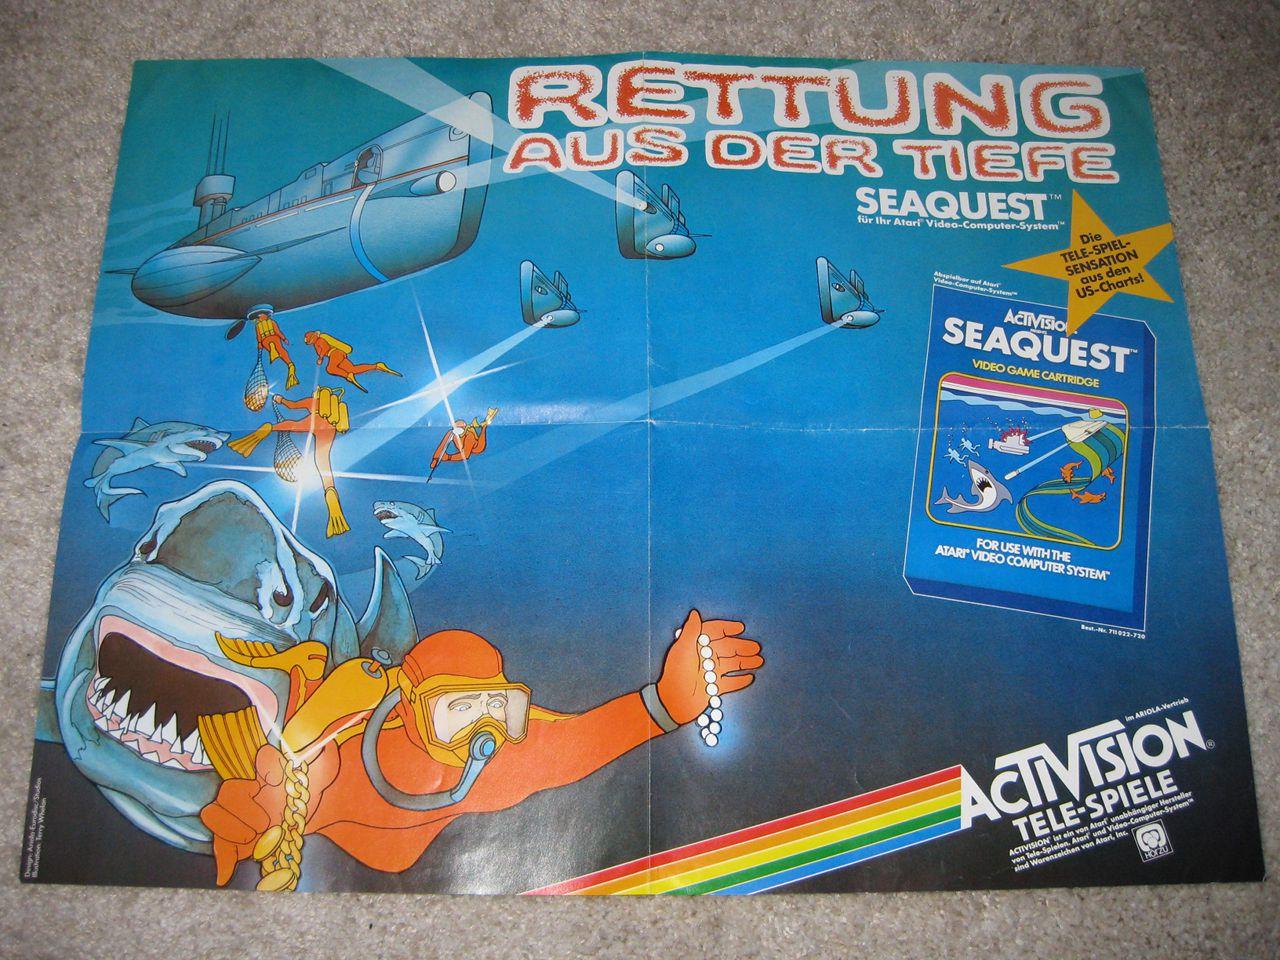 Ein Seaquest-Poster, mit dem Activision das Spiel damals beworben hatte. (Bild: Michael Braun)